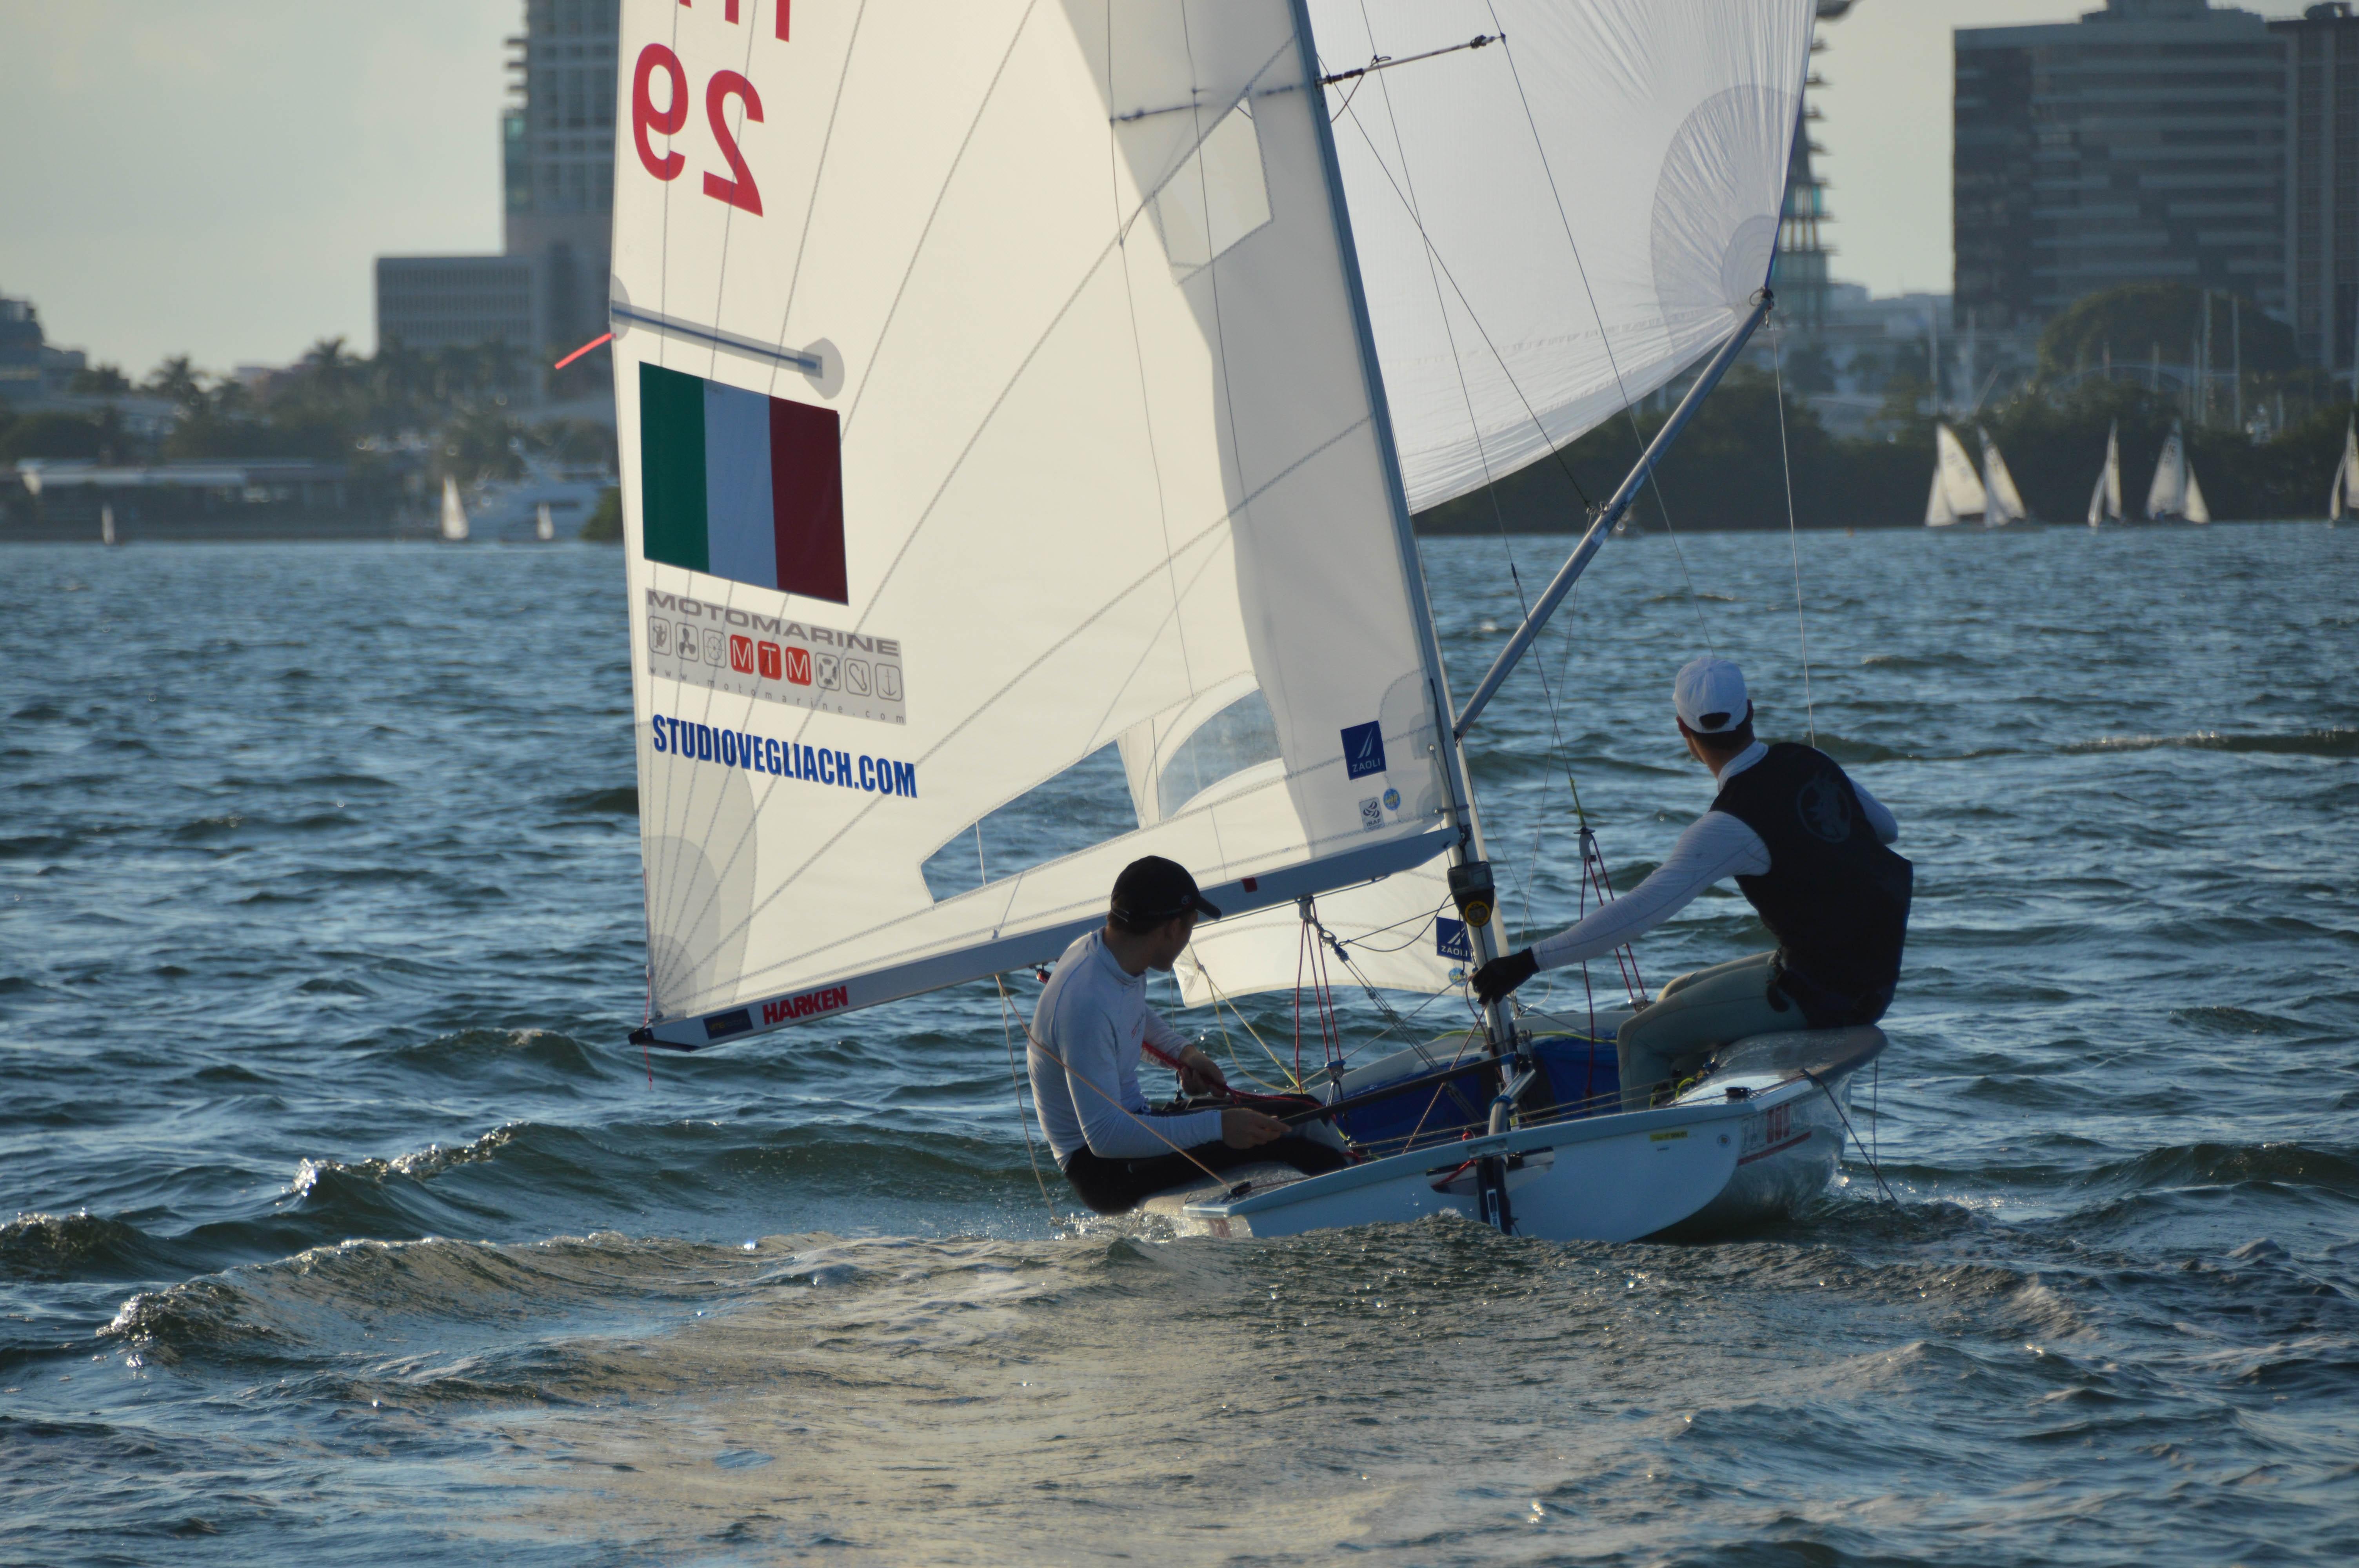 Campagna Olimpica Rio 2016 - Jaš e Simon-Jaš e Simon - ITA 29